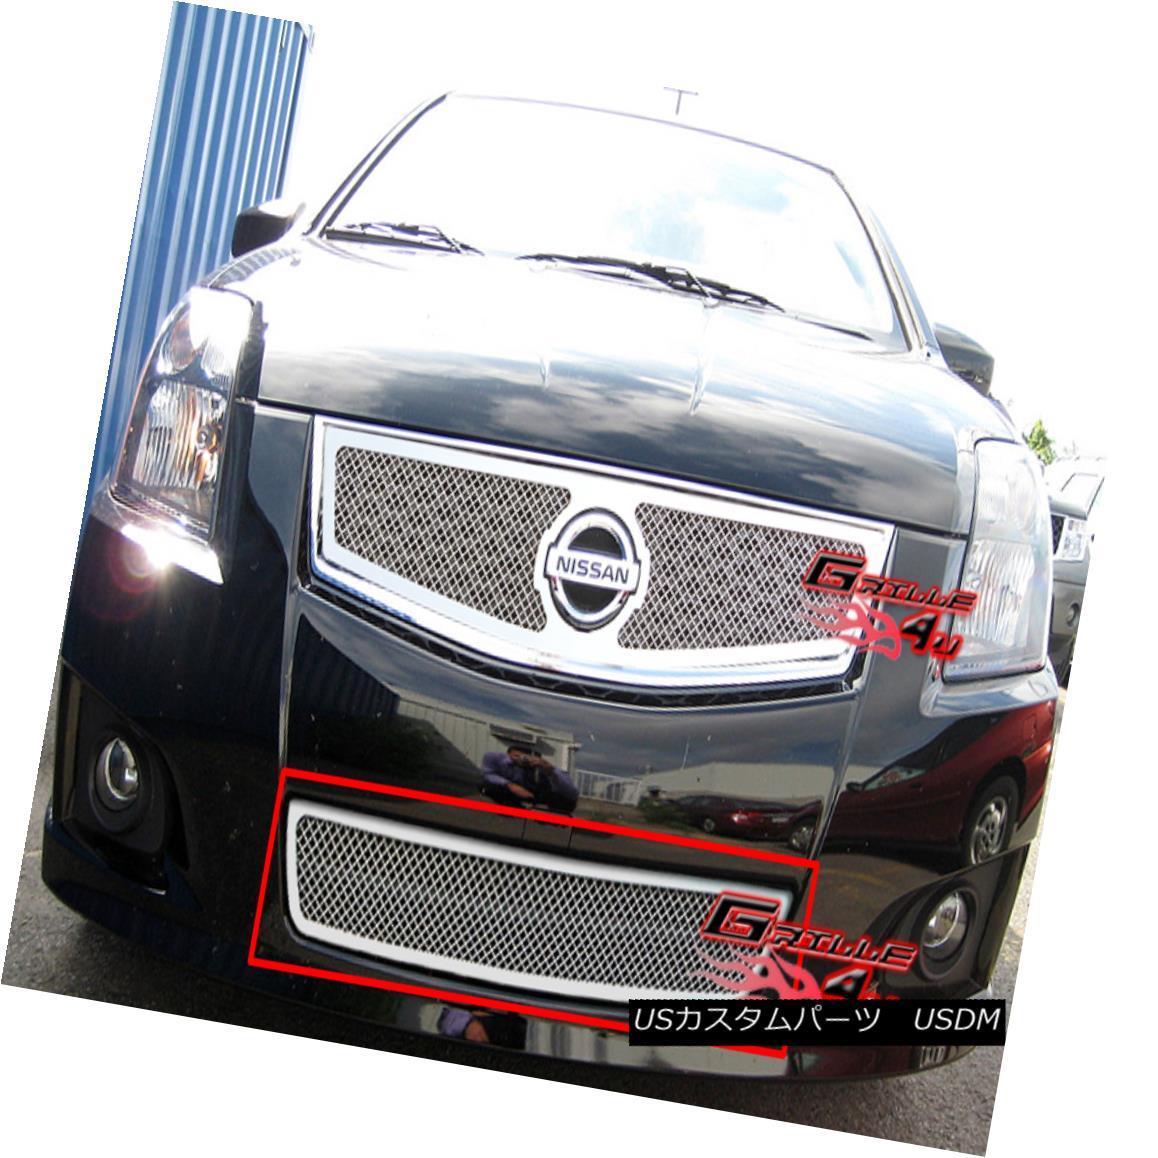 グリル Fits 2007-2010 Nissan Sentra SE-R Stainless Bumper Mesh Grille フィット2007-2010日産セントラSE-Rステンレスバンパーメッシュグリル